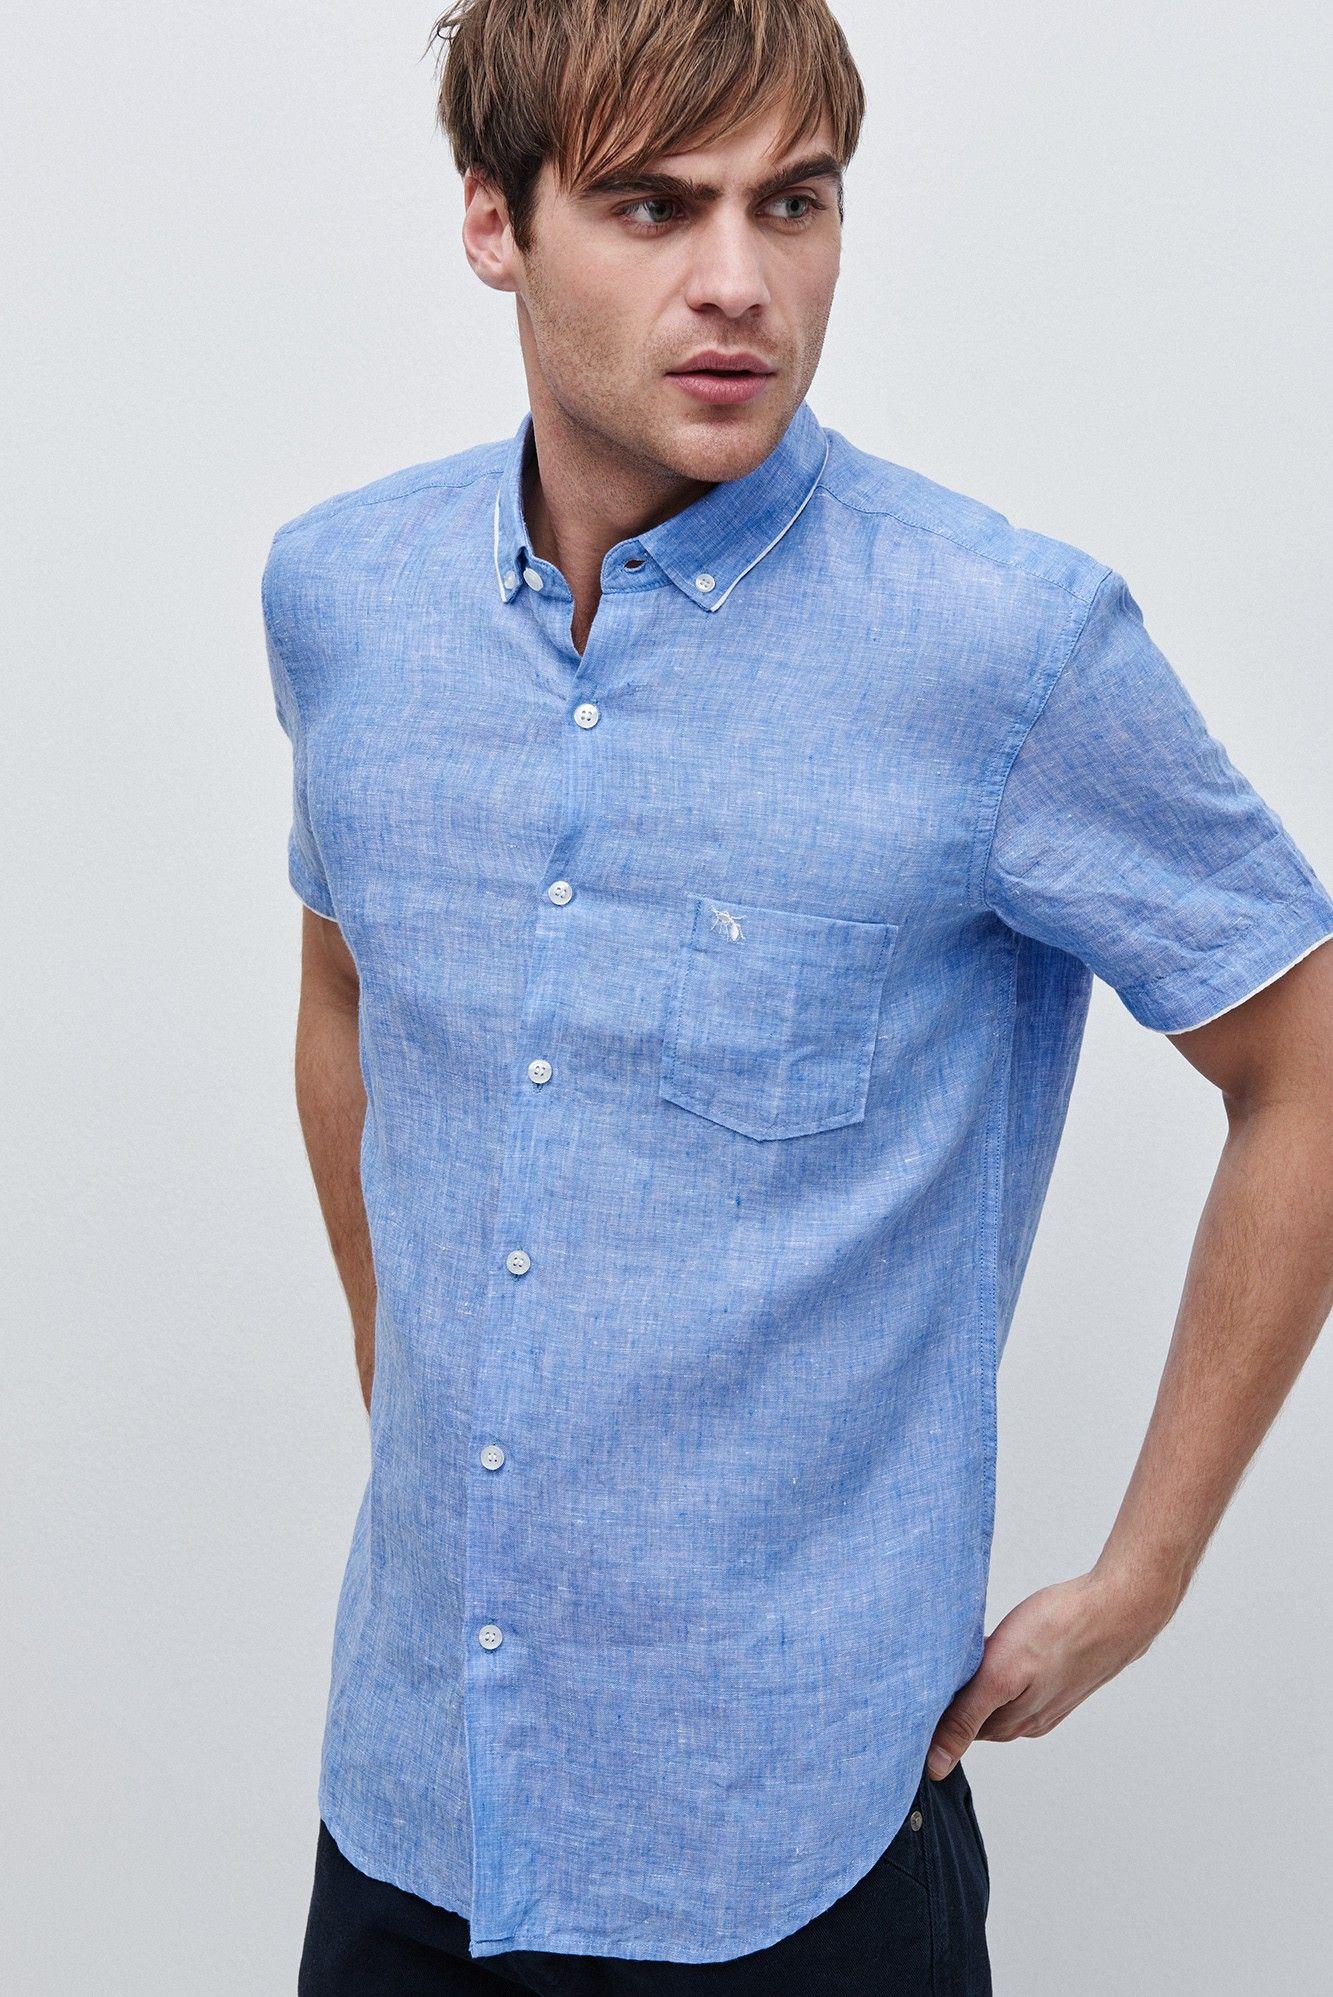 d1e9f6843e Camisa de lino de manga corta - camisas